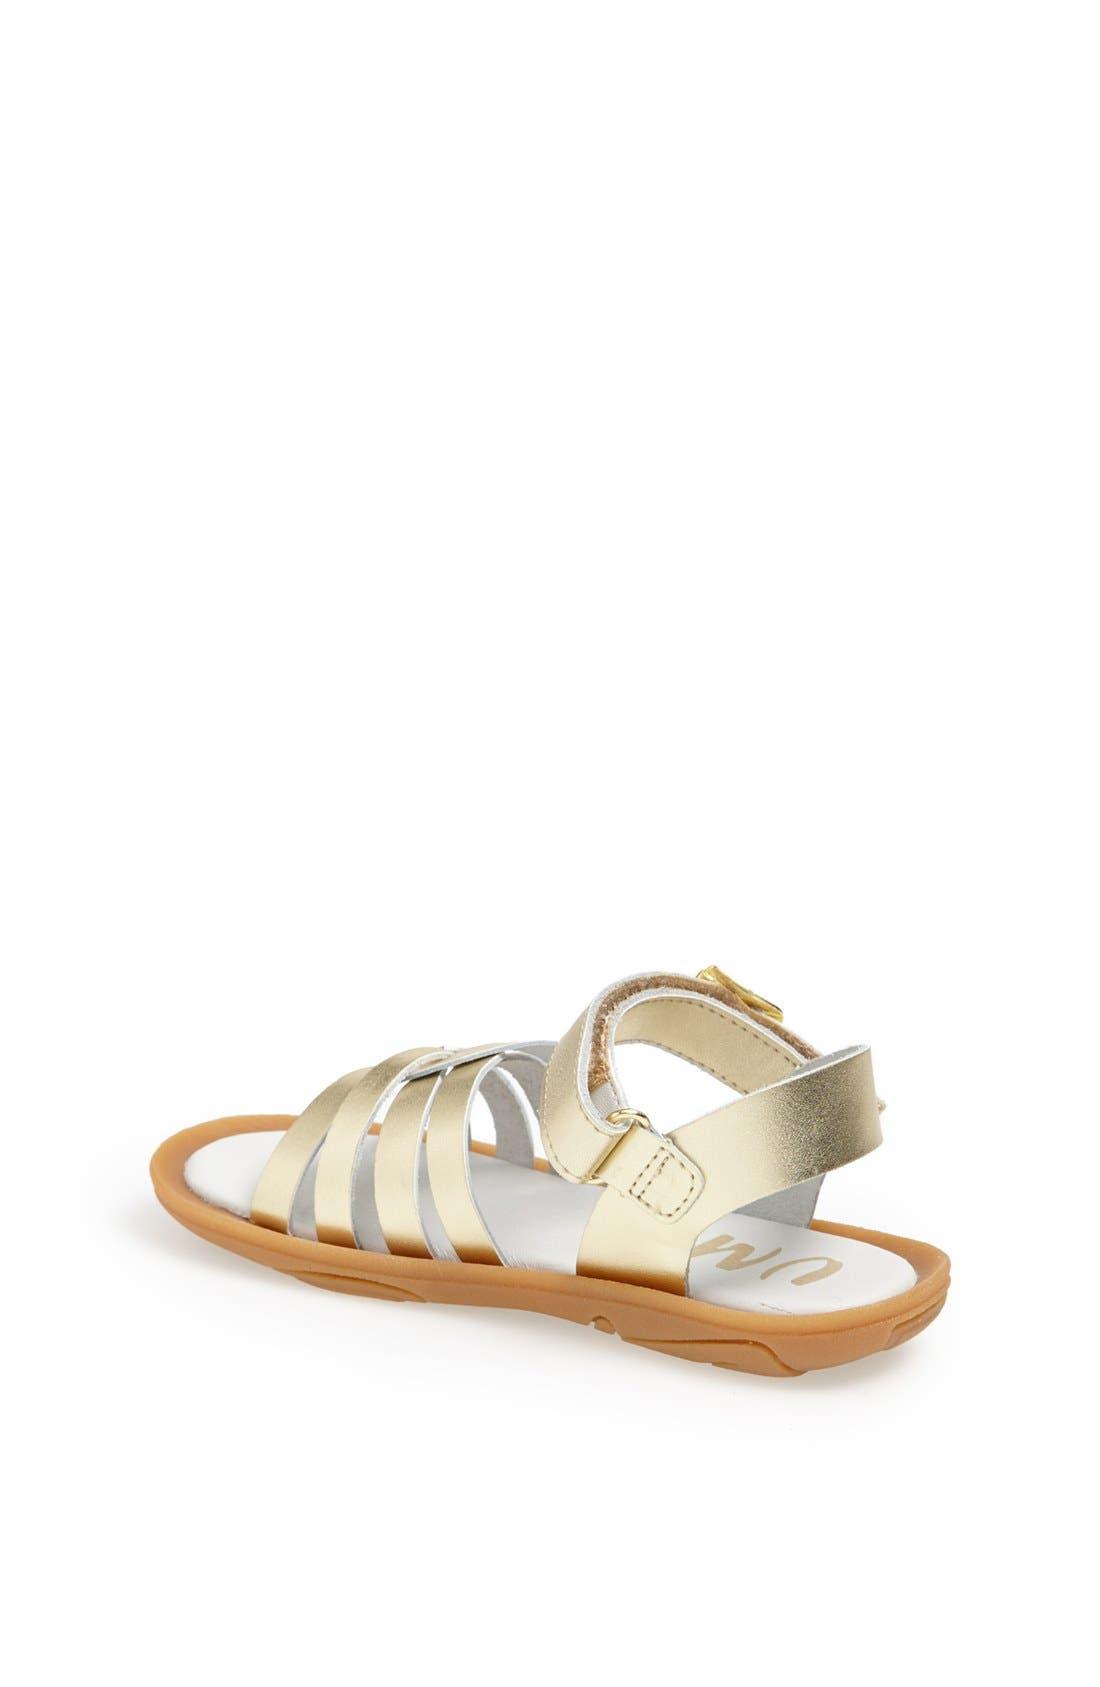 Alternate Image 2  - Umi 'Cora' Ankle Strap Sandal (Walker, Toddler & Little Kid)